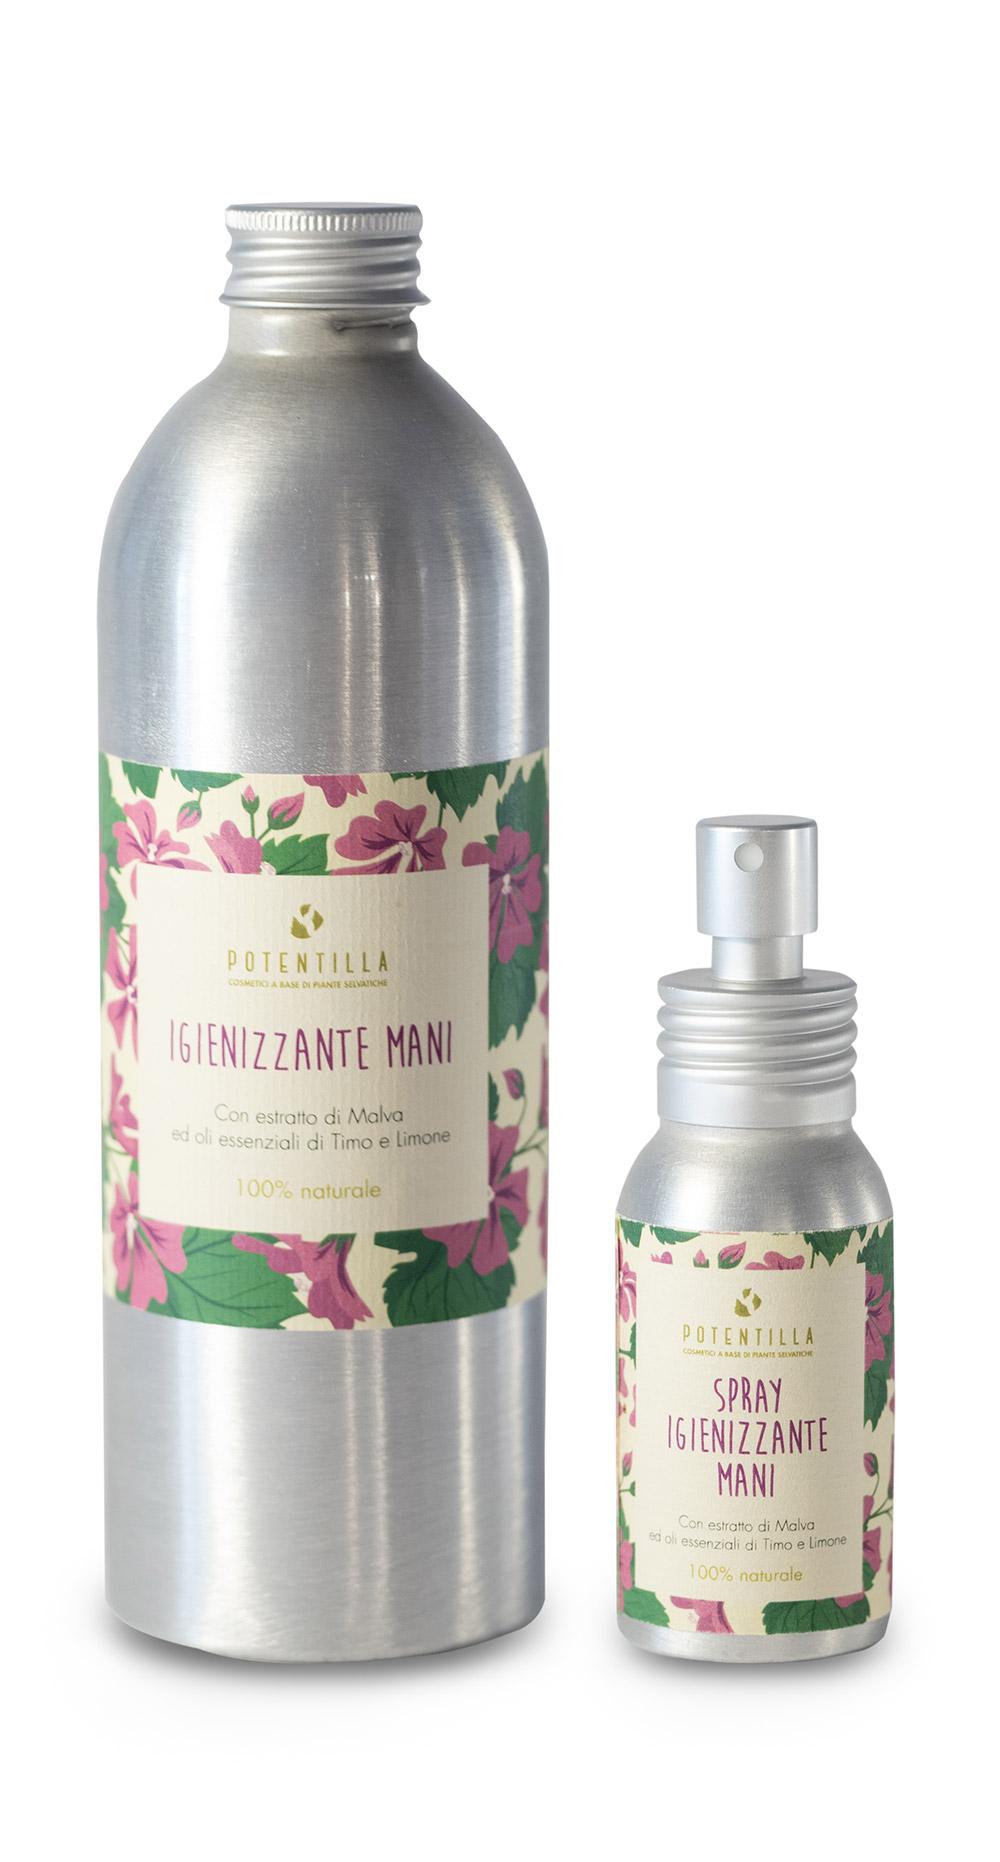 Cosmetici-a-base-di-piante-selvatichestill-l.-igienizzante-completo-home